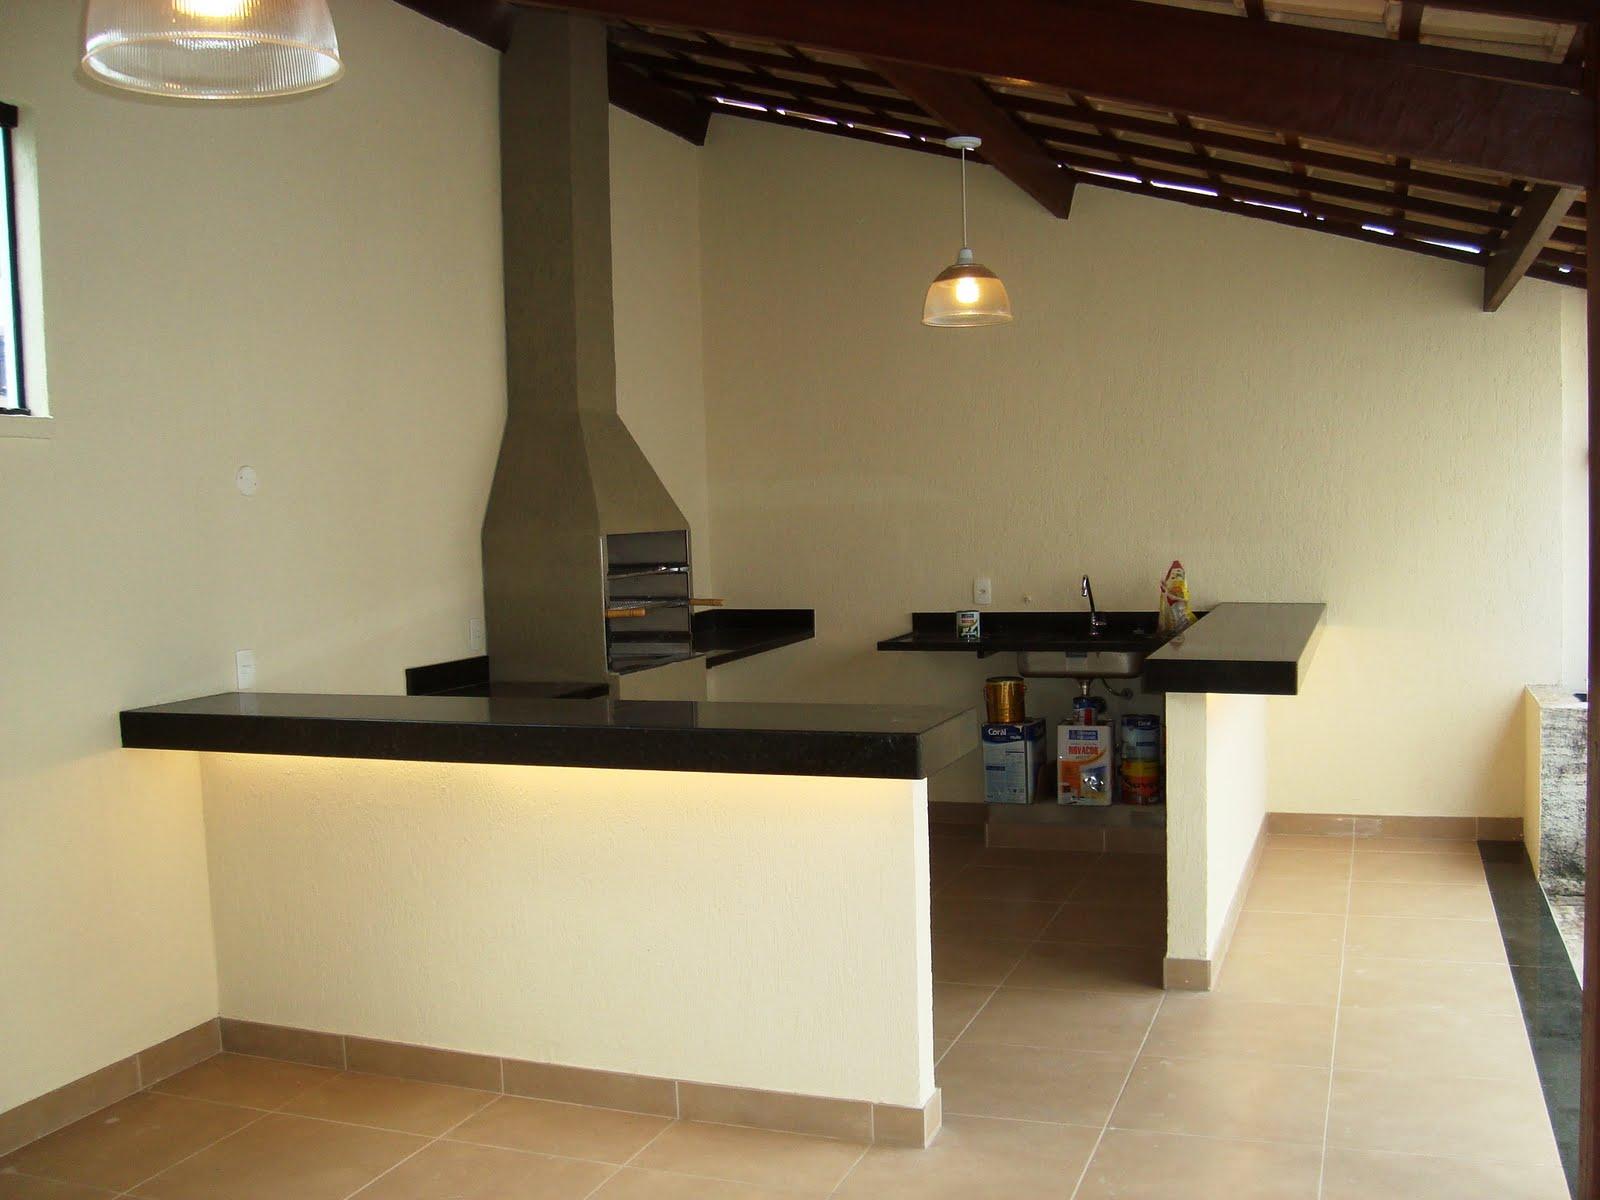 RB Arquitetura e Construção: Edifício Josino Vianna #91703A 1600x1200 Banheiro Arquitetura E Construção